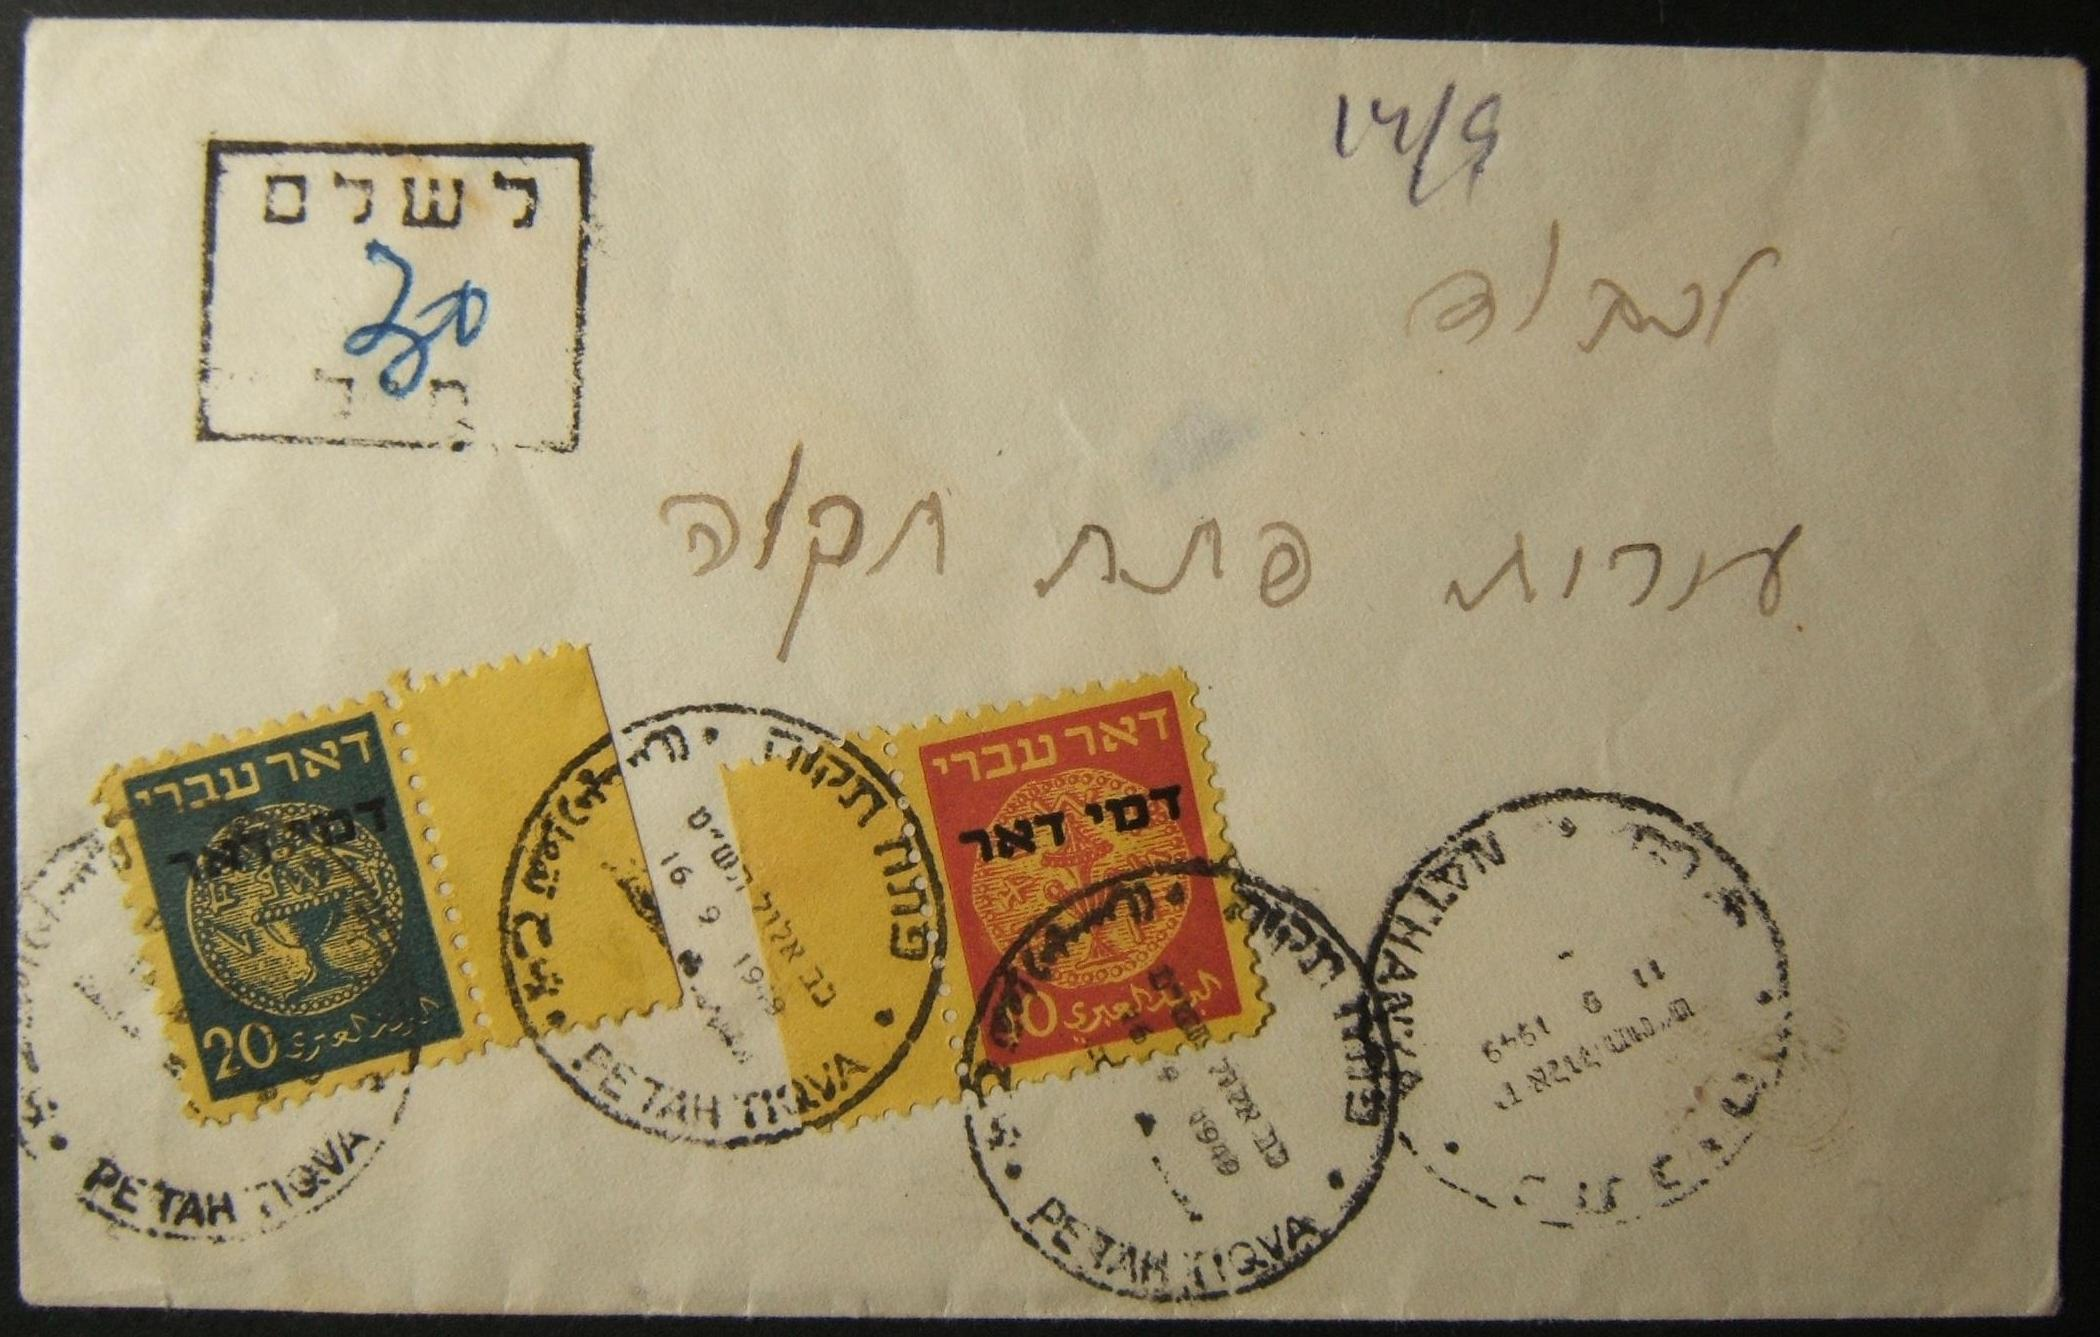 9/1949 نتانيا إلى Petach Tikva بدون ضريبة عن طريق البريد باستخدام رسوم البريد 10pr و 20pr